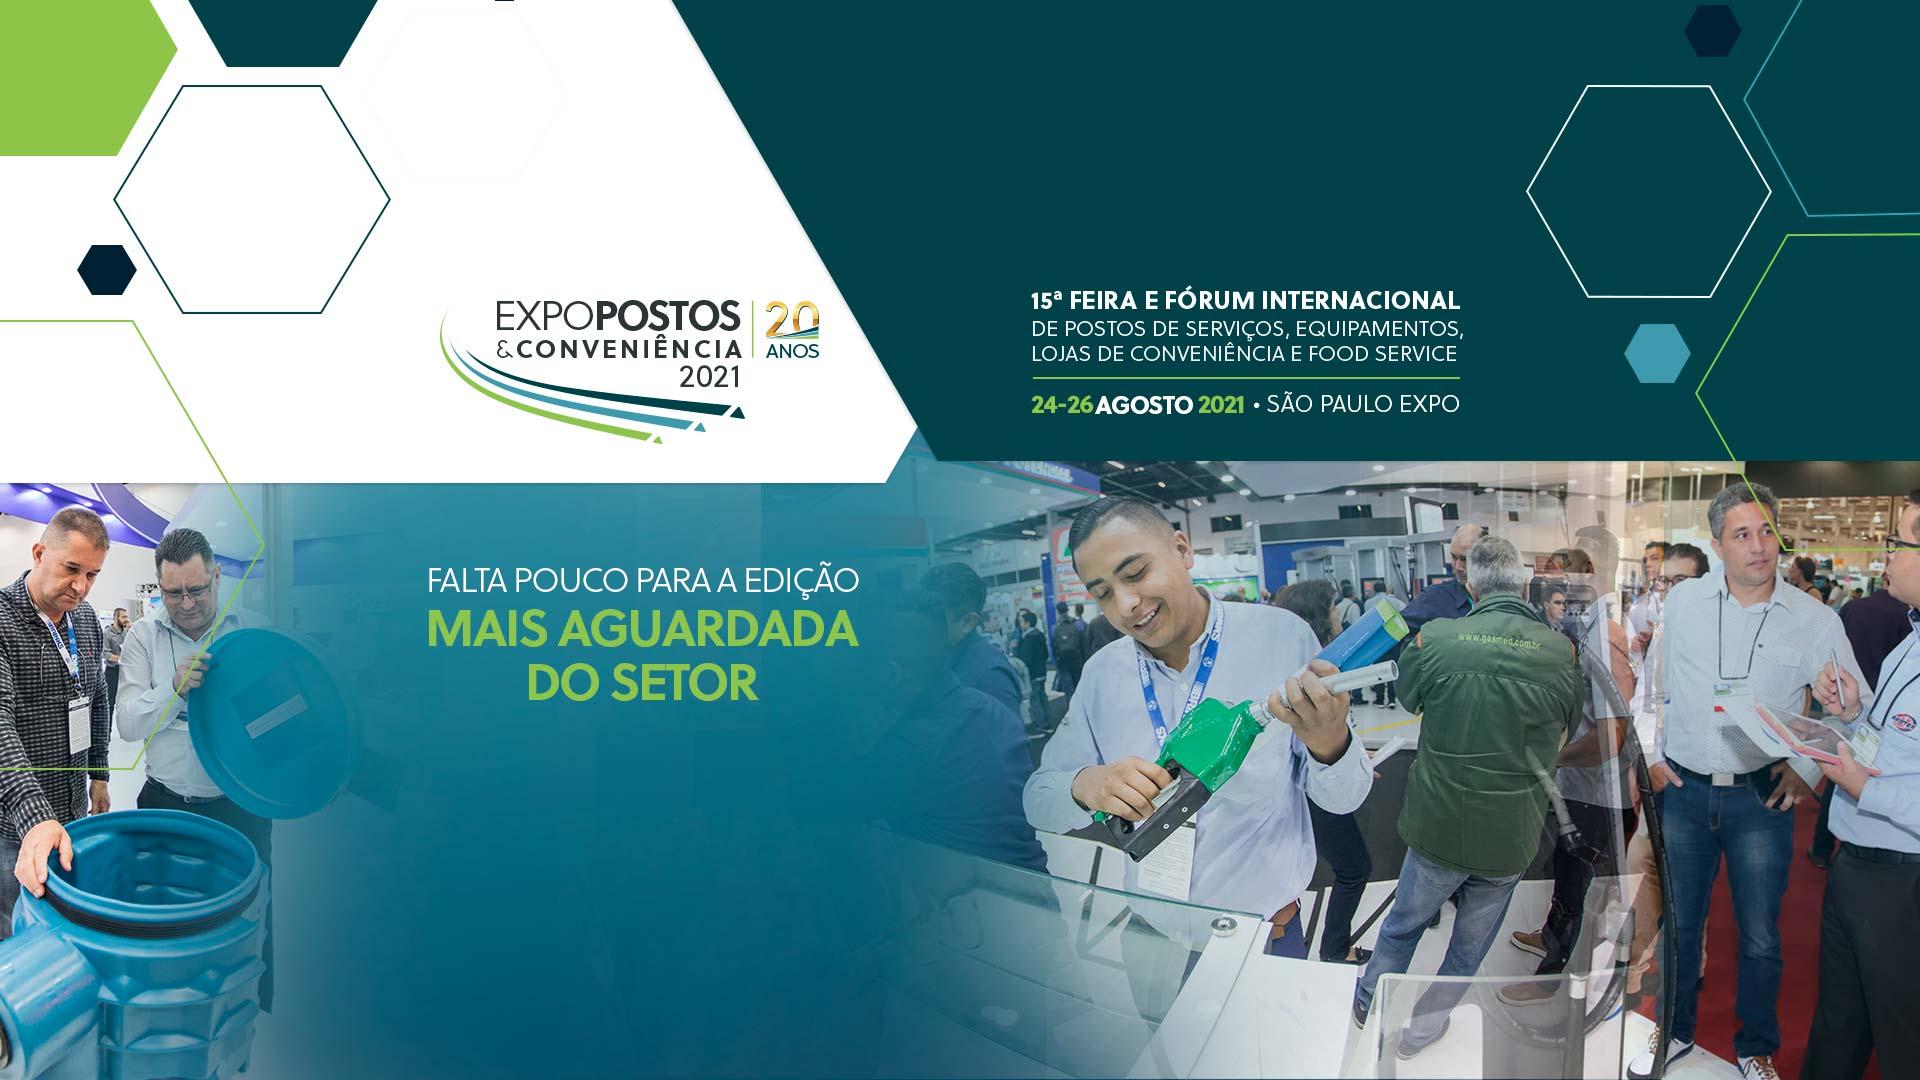 ExpoPostos 2021